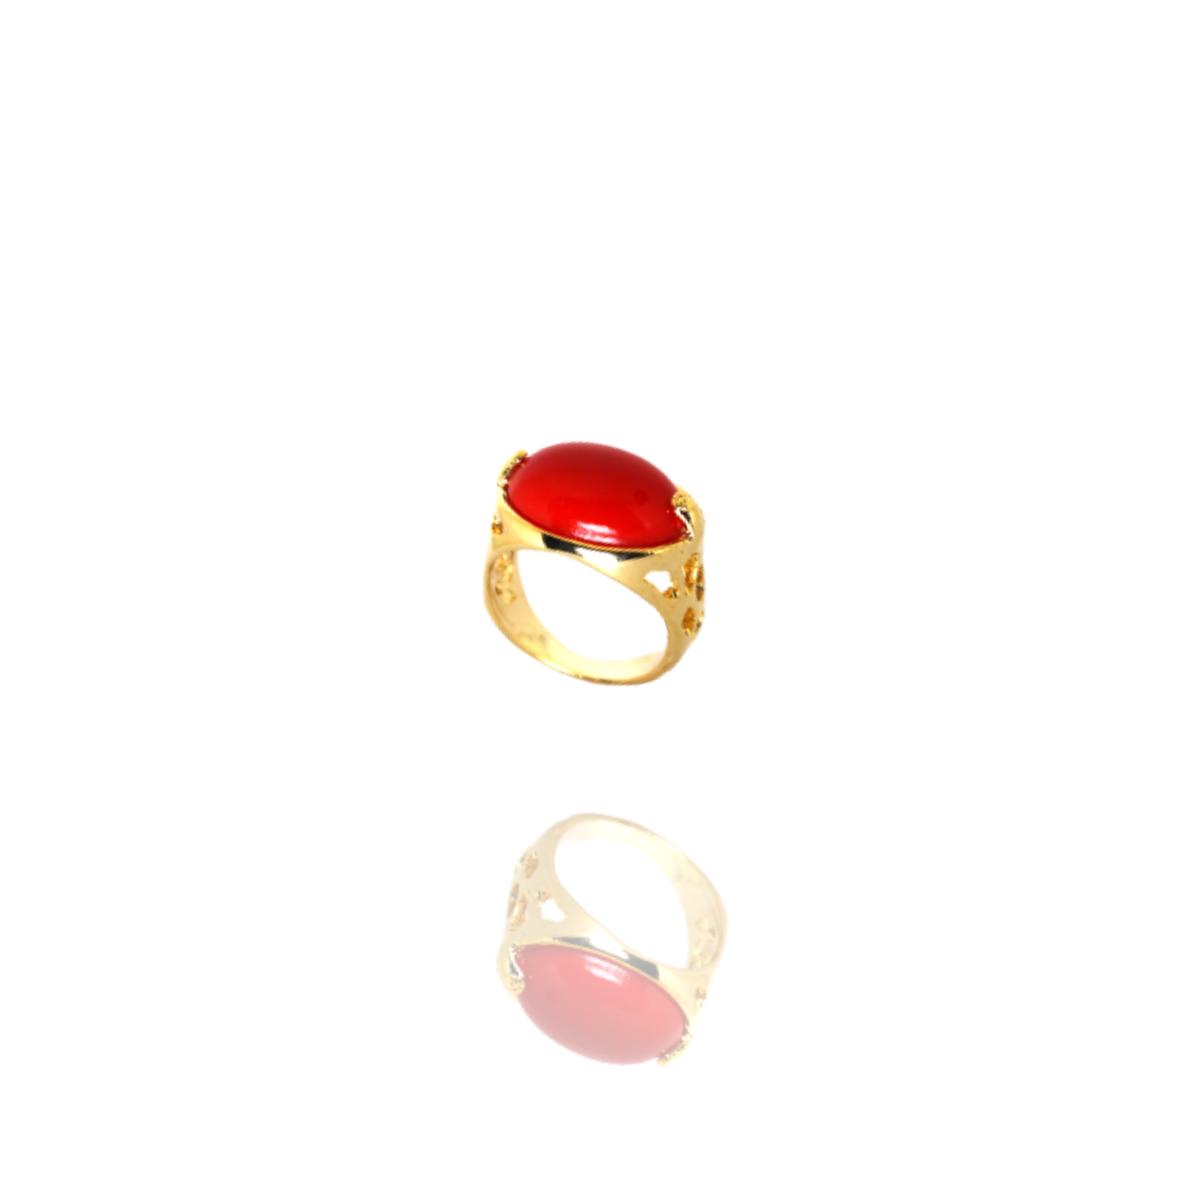 Anel Barbara Strauss Semi Joia Tânger Em Resina Lalique Vermelha, Rev. Em Ouro Amarelo 18K